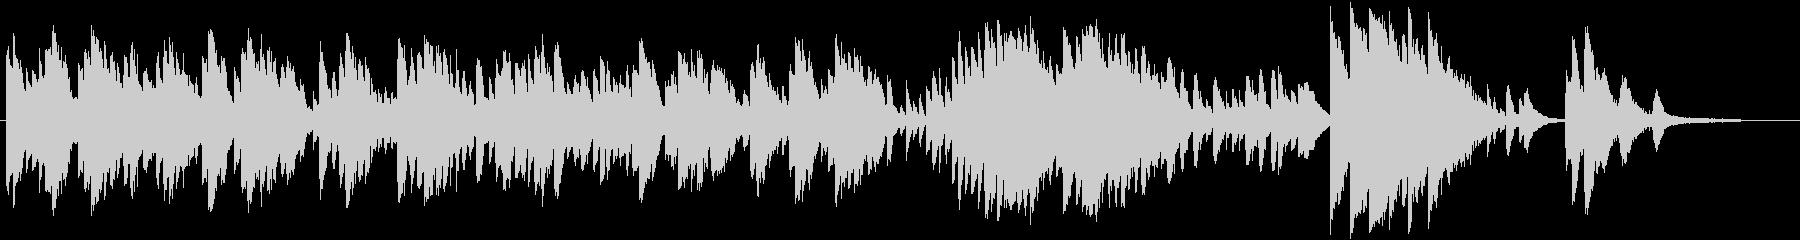 レトロモダンなピアノソロBGMの未再生の波形